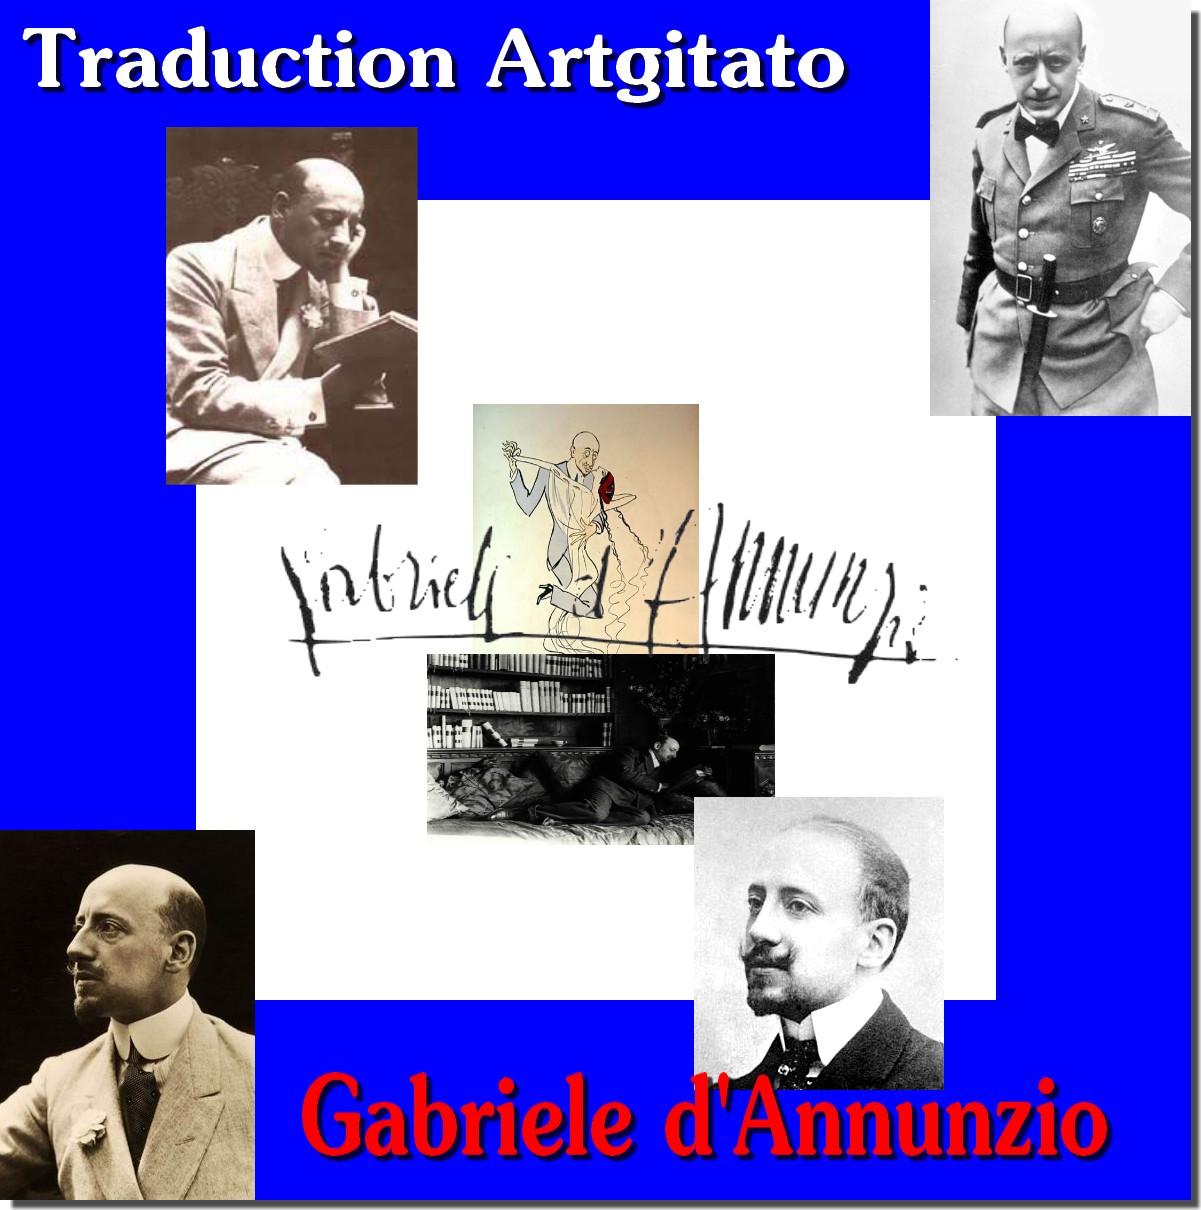 Gabriele d'Annunzio Traduction Artgitato Proses et Poèmes Italiens